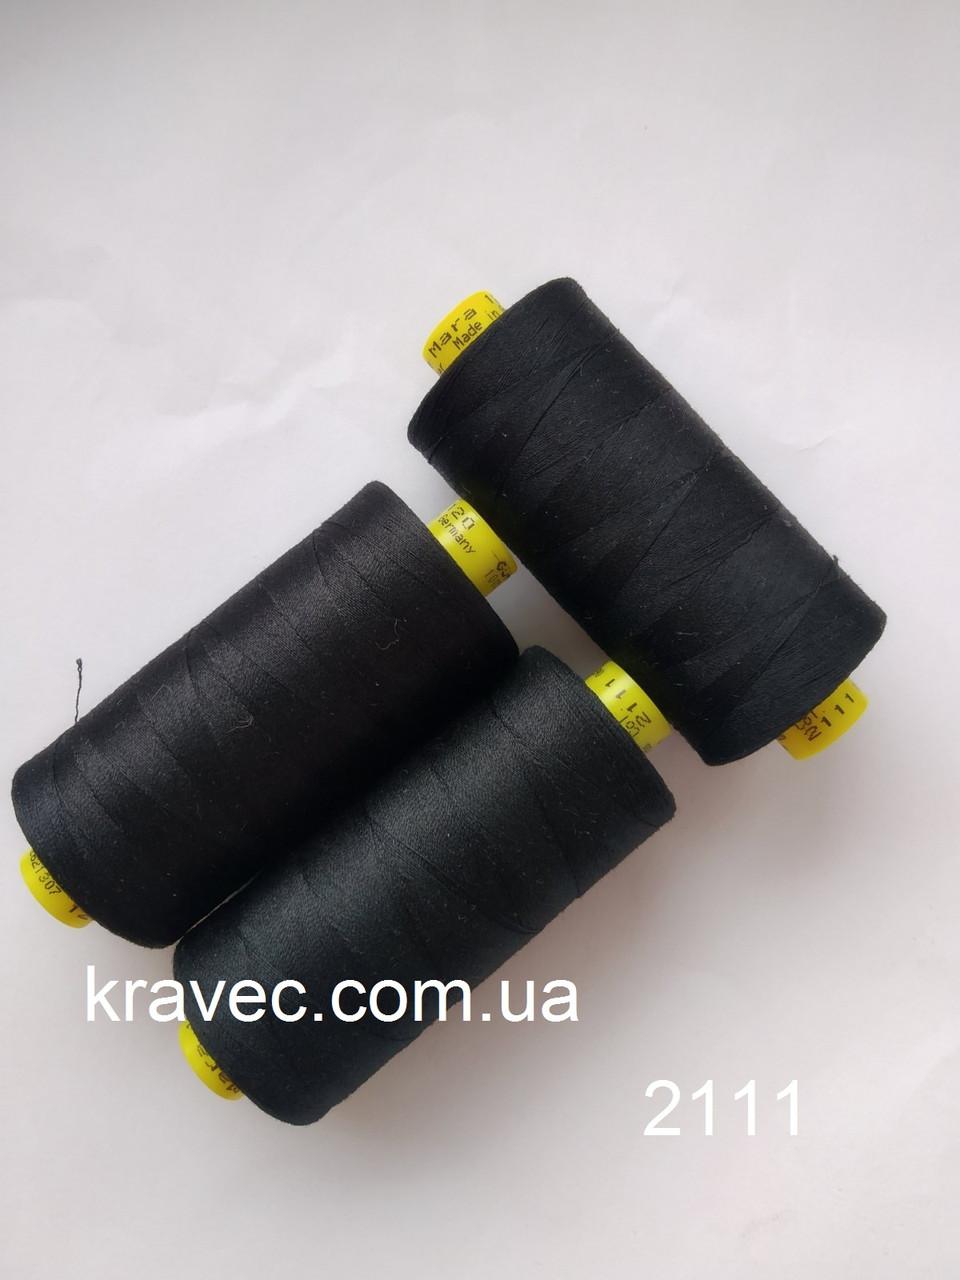 Нитка Gutermann Mara 120/2111/1000м  Німеччина, колір чорний